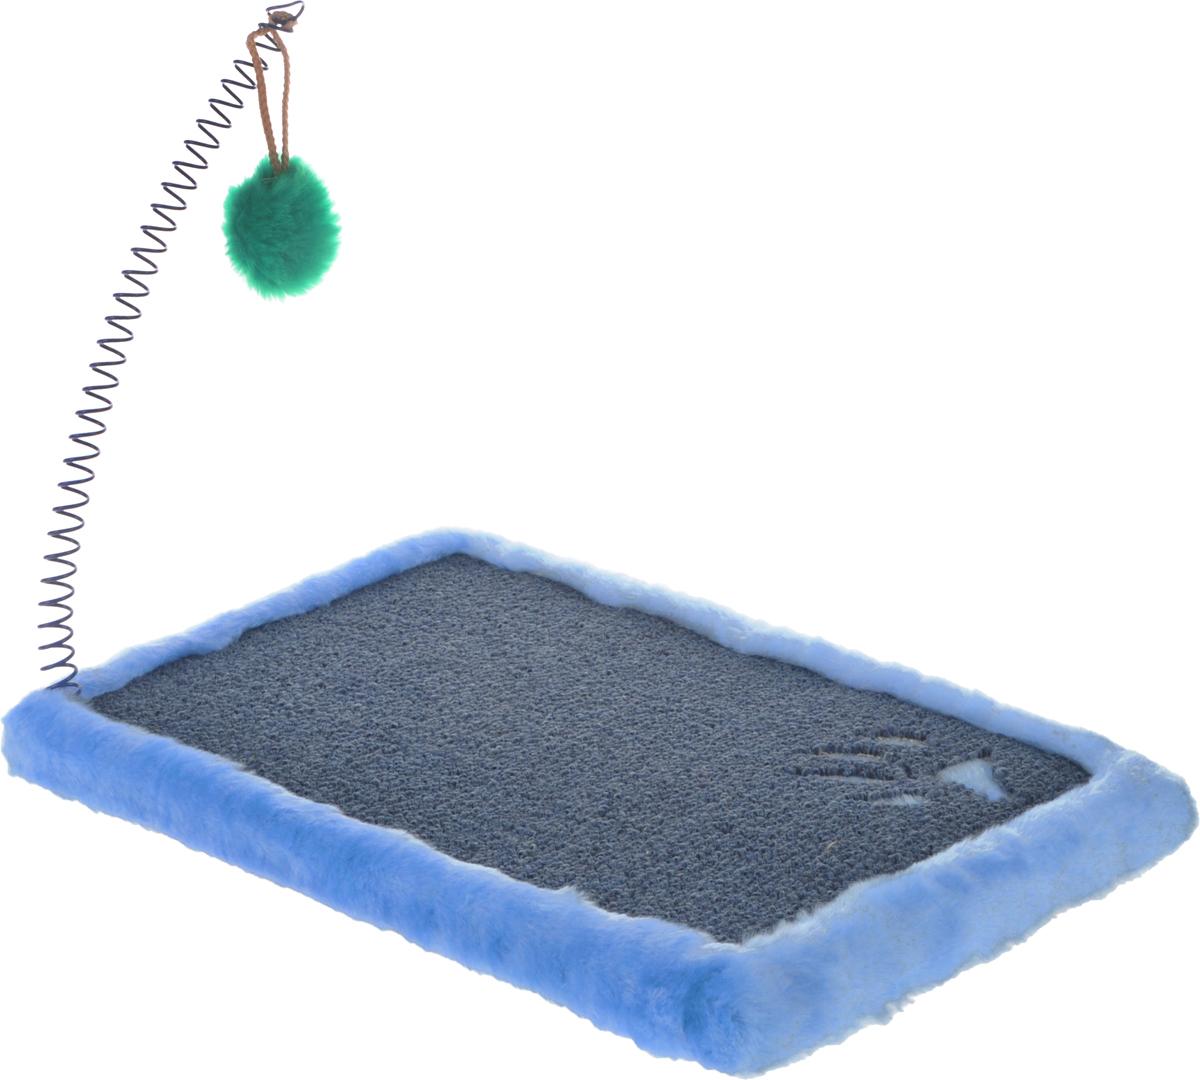 Когтеточка ЗооМарк  Коврик , напольная, цвет: синий, зеленый, 40 х 25 см - Когтеточки и игровые комплексы